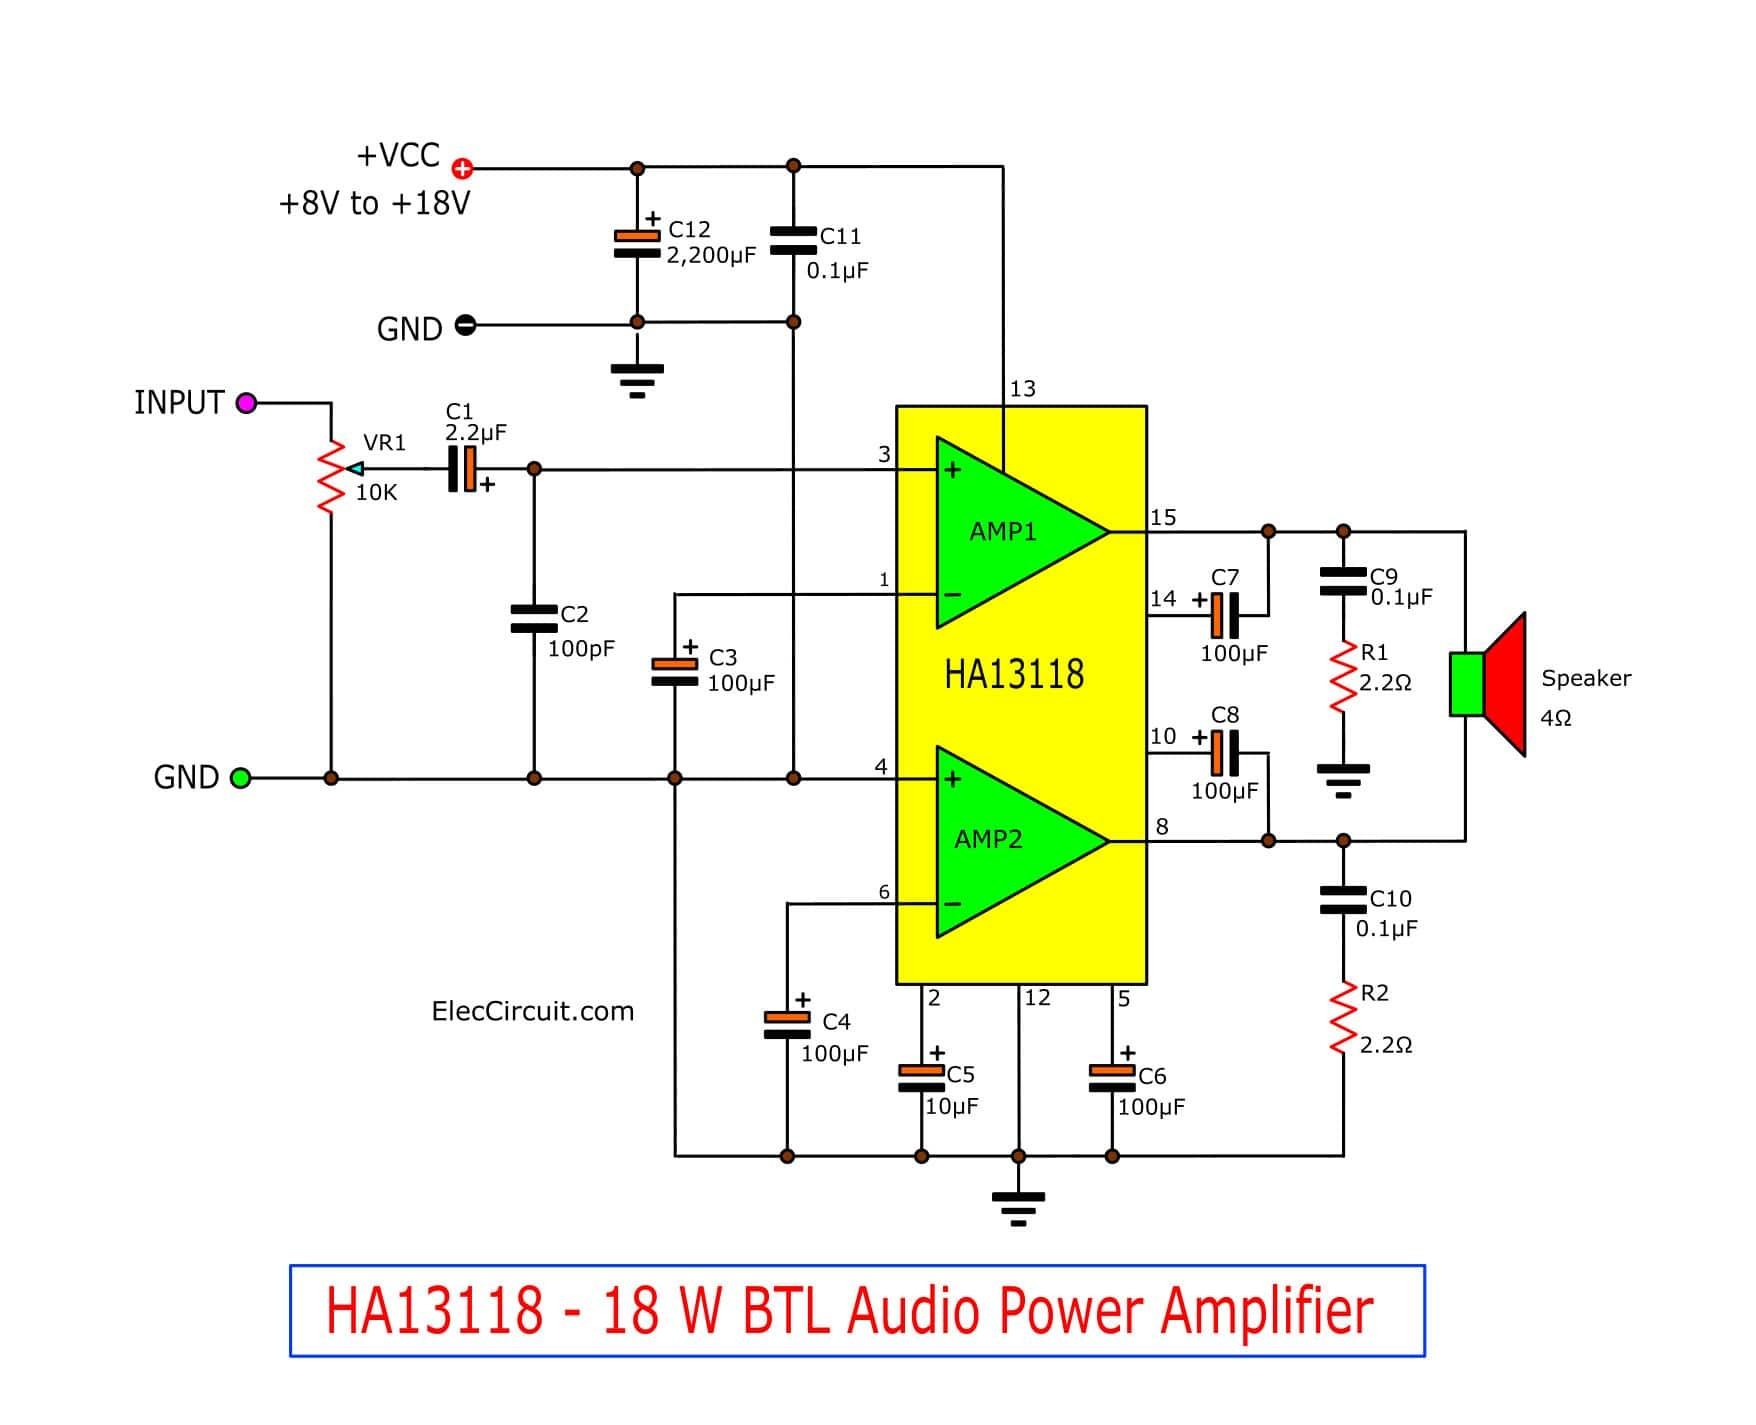 Tda 2040 25w Audio Amp Schematic Rk 9884] 18w Audio Amplifier Circuit Diagram Schematic Wiring Of Tda 2040 25w Audio Amp Schematic